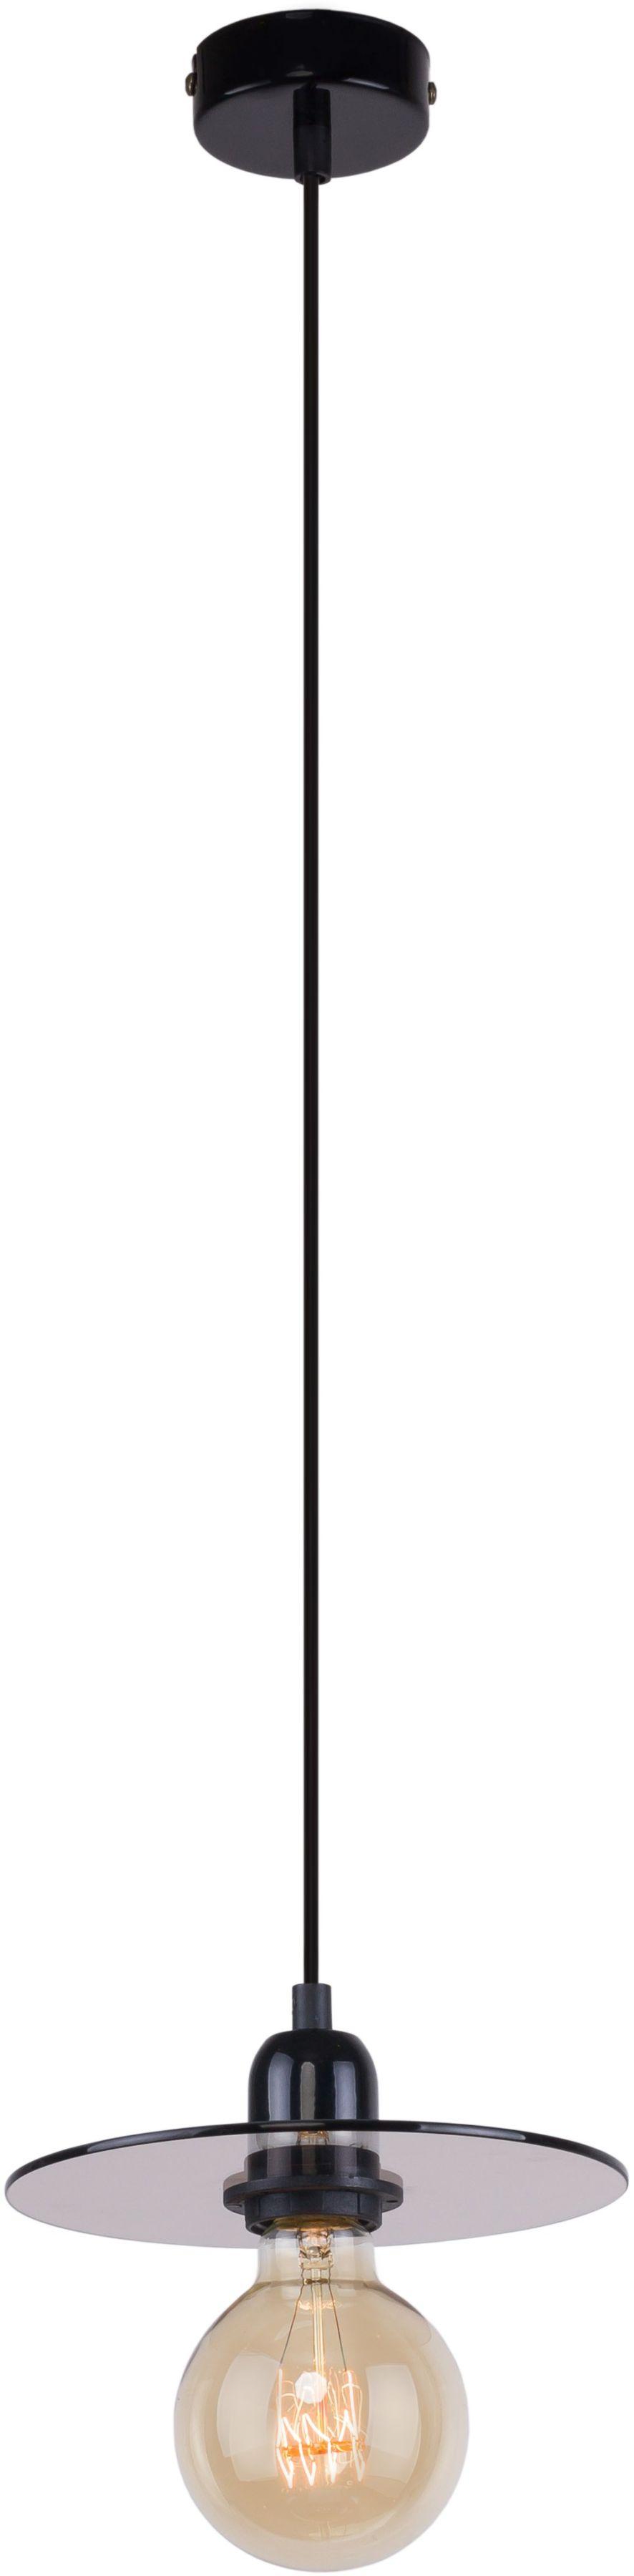 Lampa wisząca 1 punktowa Dysk mała szklana nowoczesna 999G/M - Aldex Do -17% rabatu w koszyku i darmowa dostawa od 299zł !